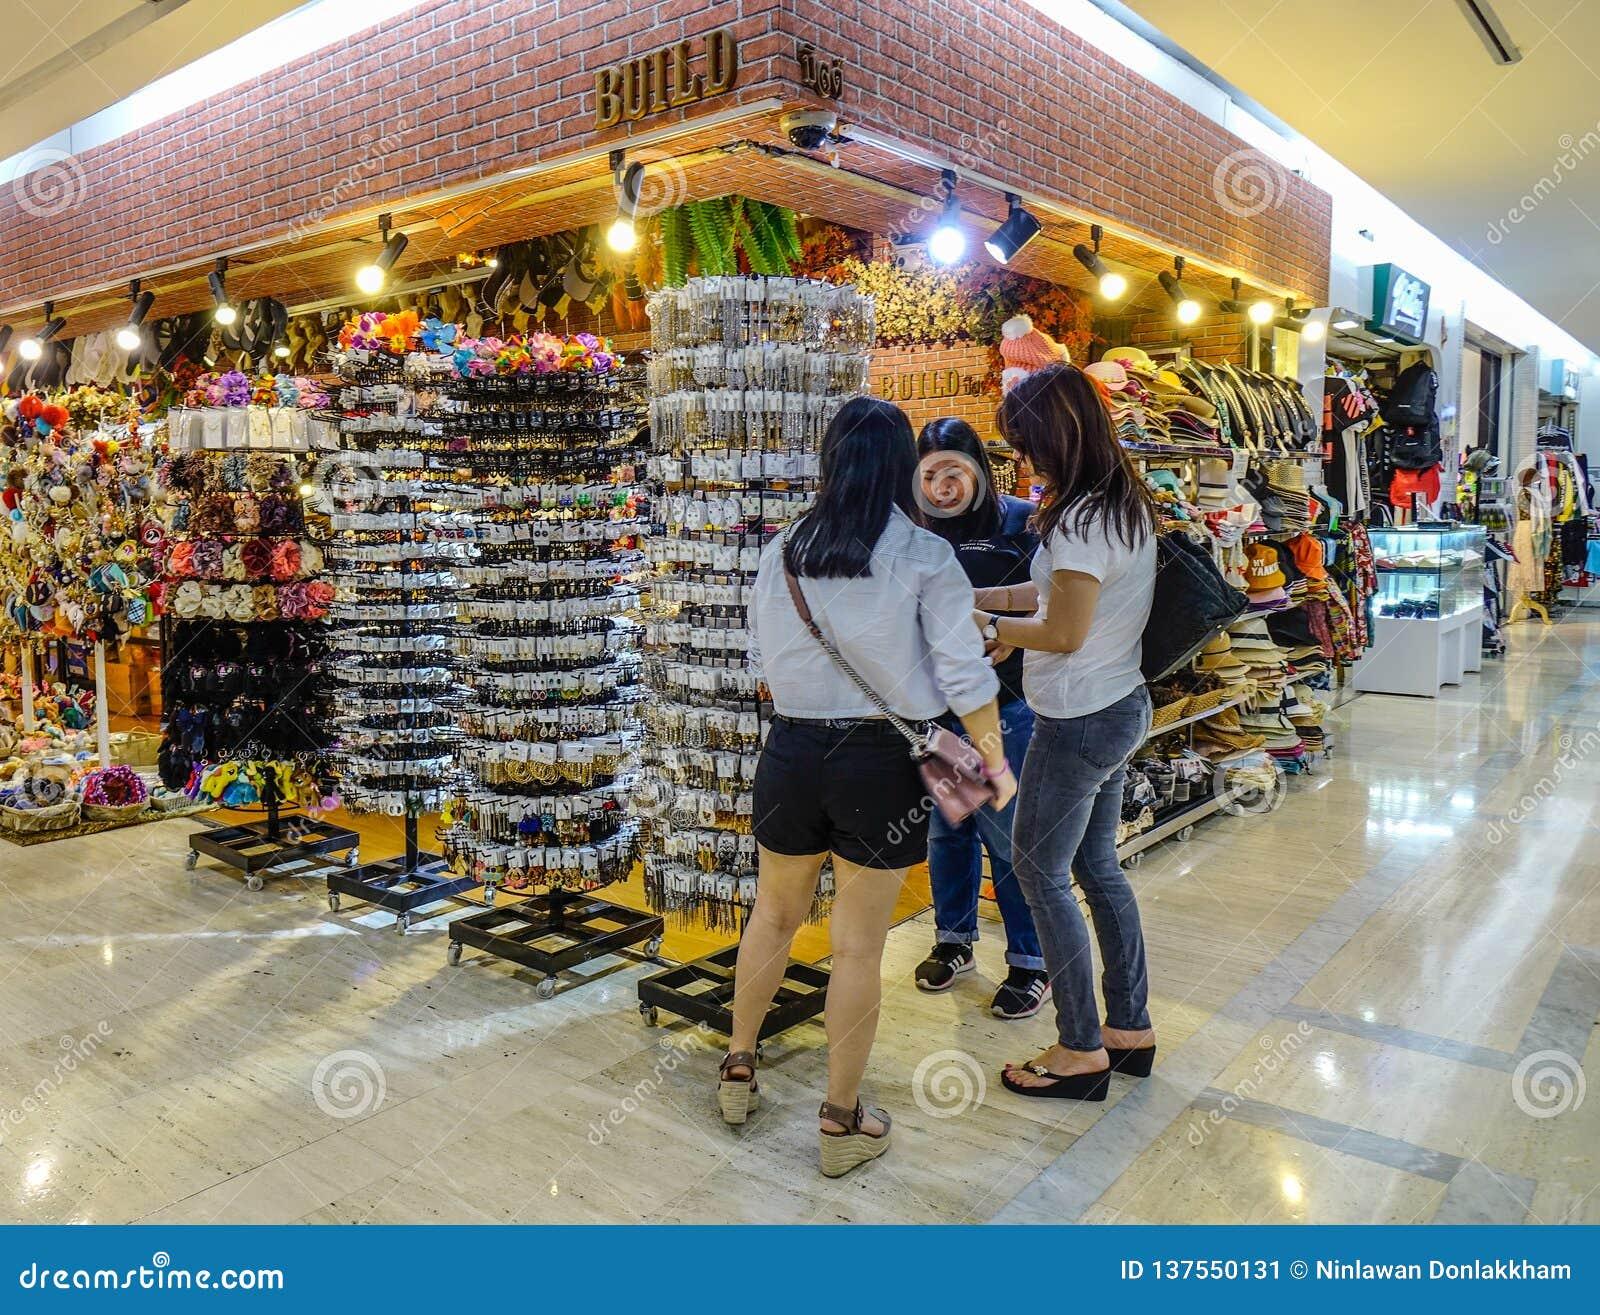 Souvenirladen an MBK-Mall in Bangkok